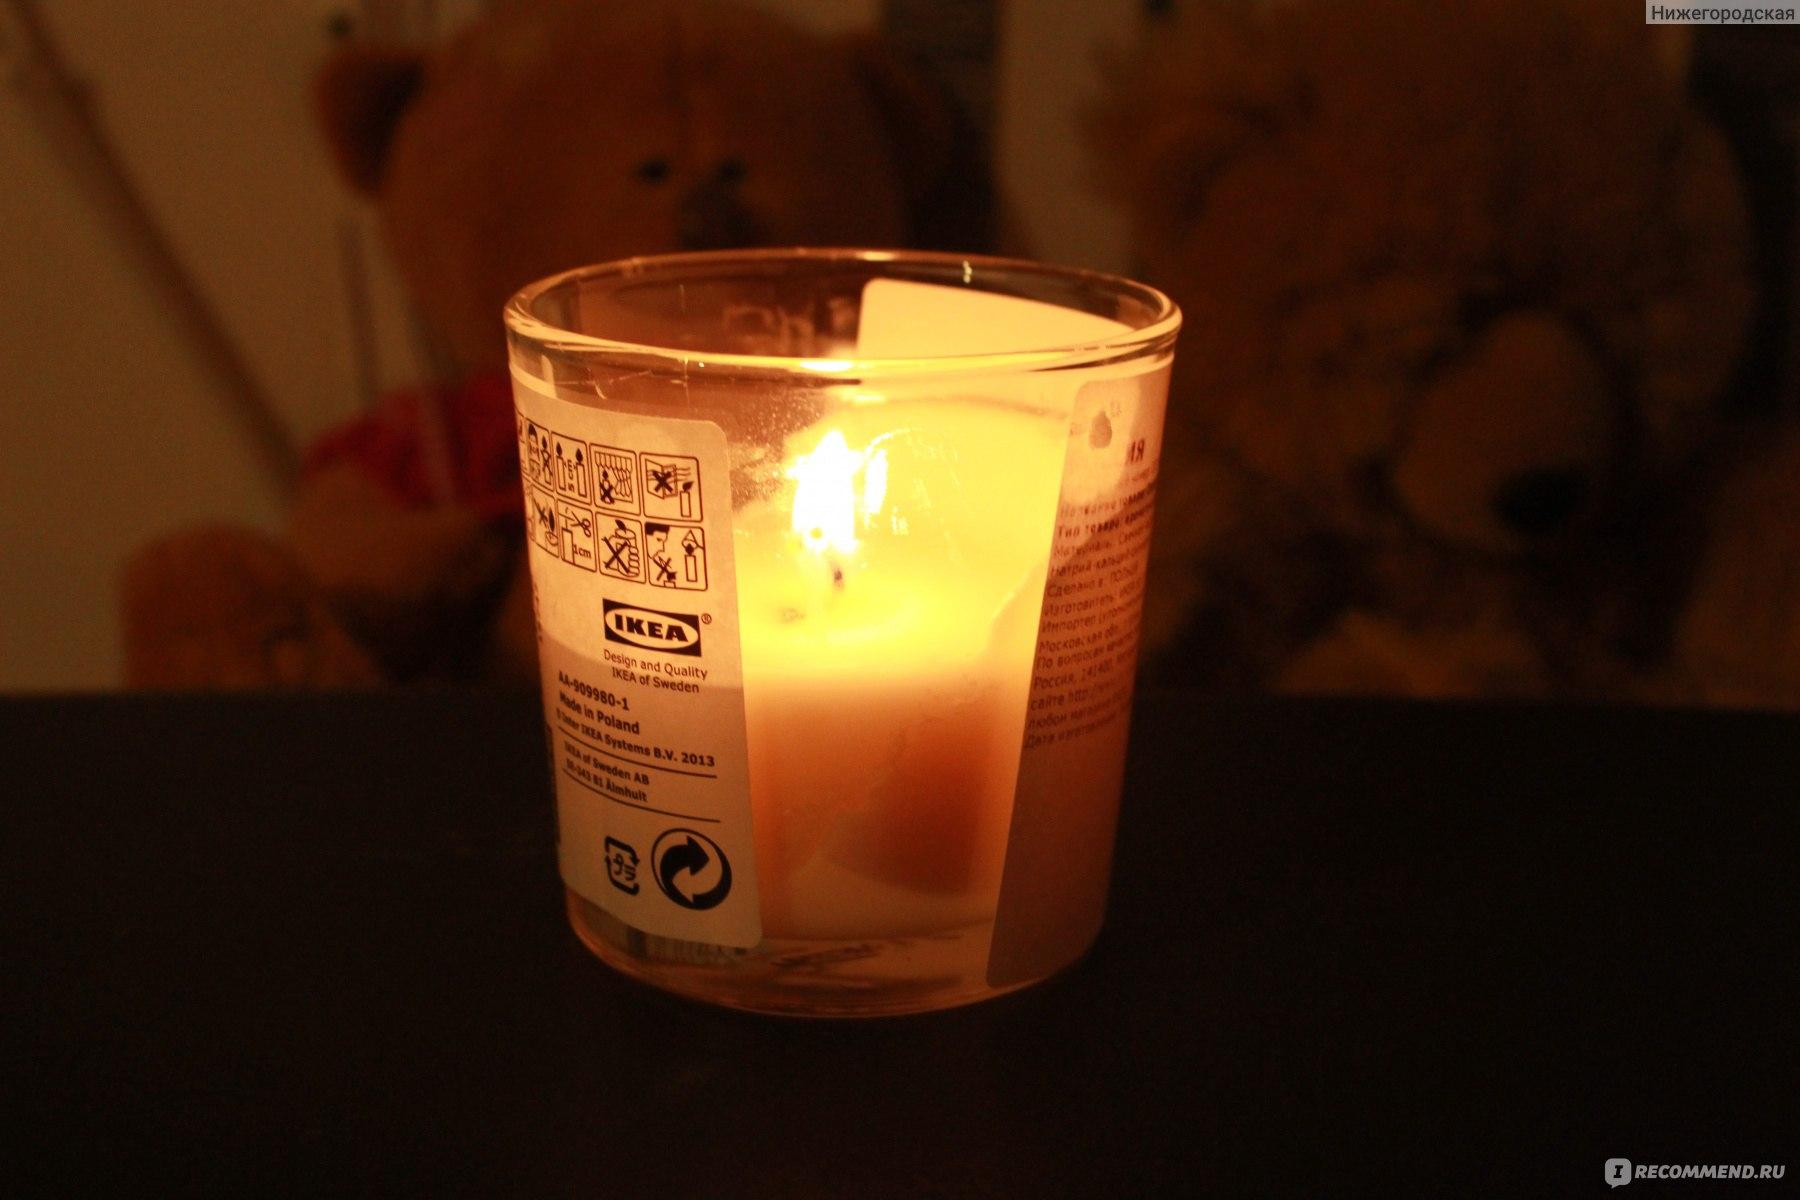 ароматизированная свеча Ikea Sinnlig неотъемлемая часть моего